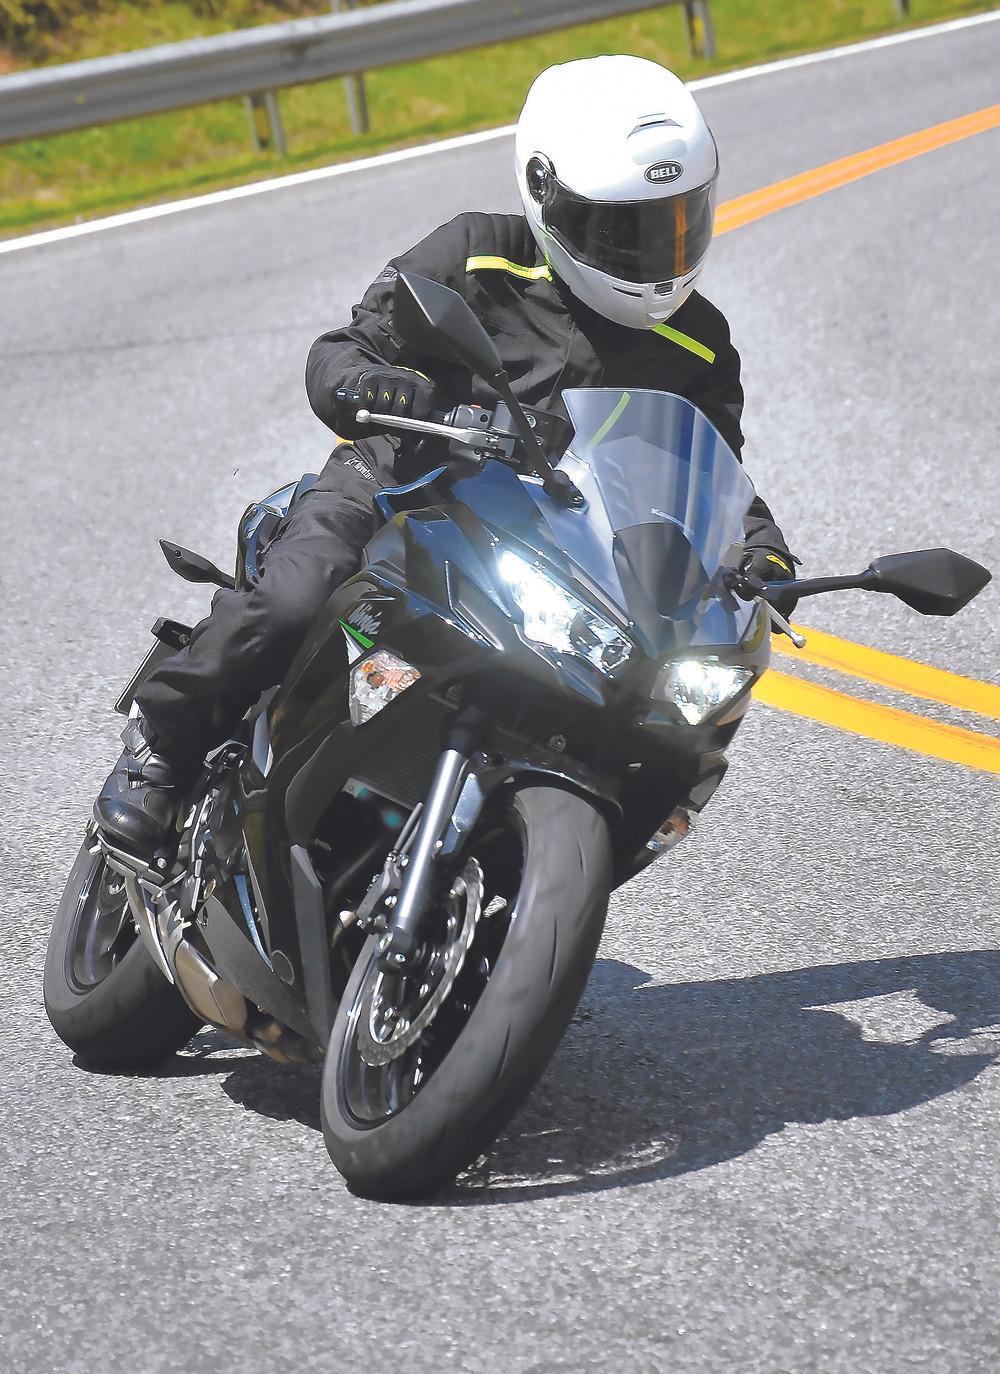 Frente da Kawasaki Ninja 650